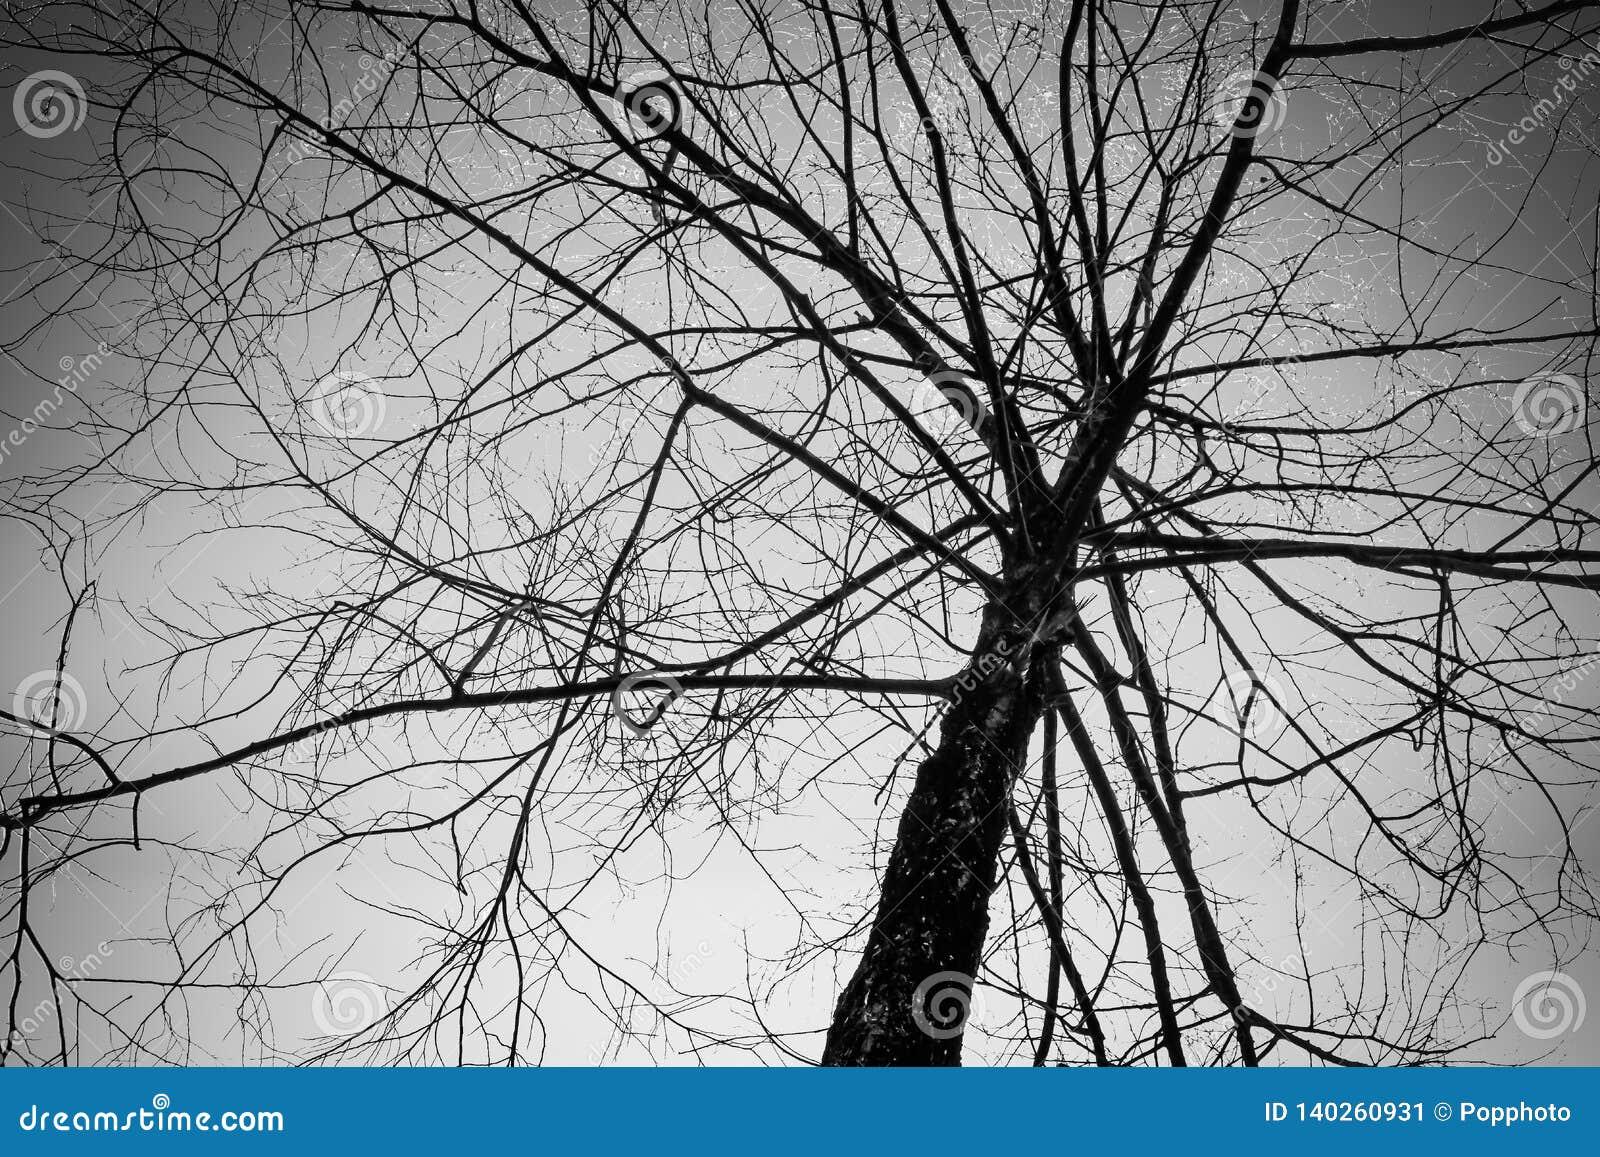 Leafless tree on sky